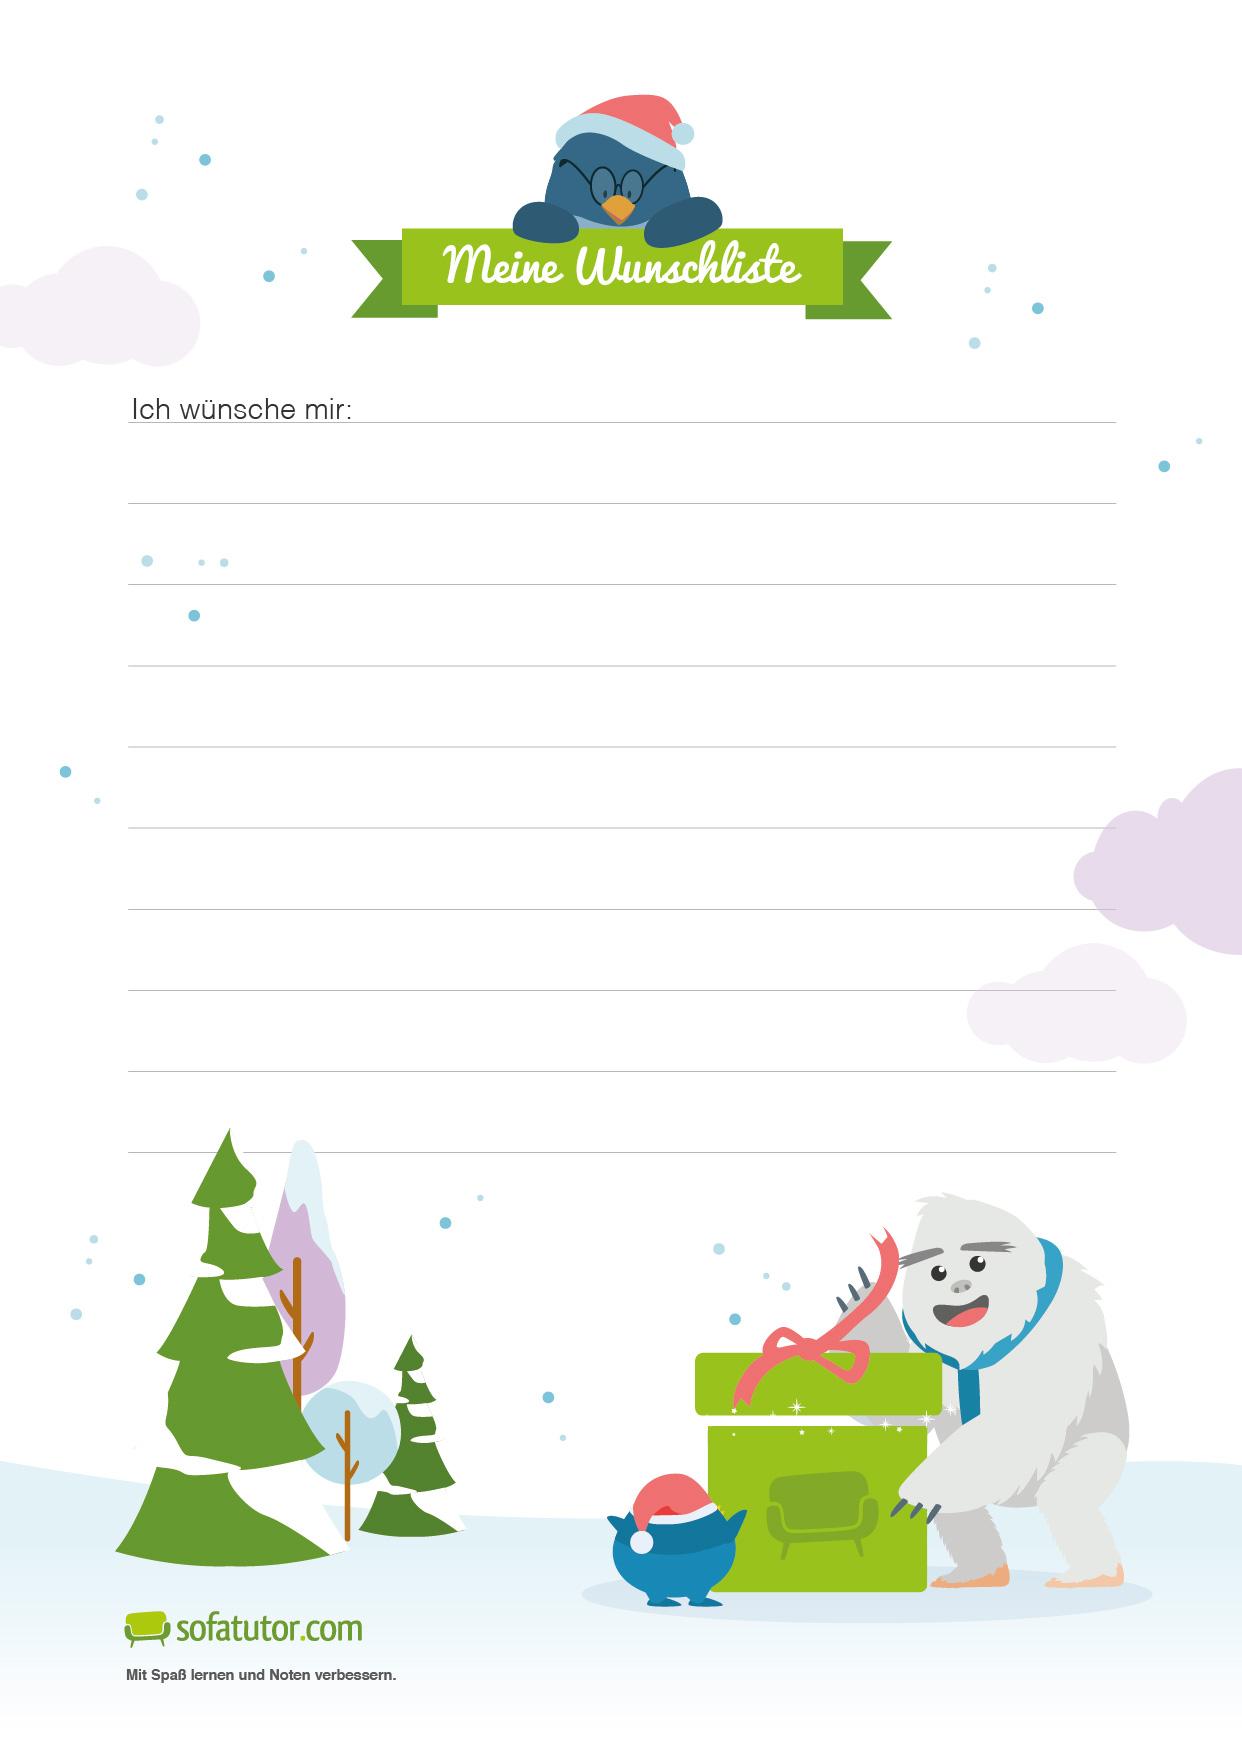 Wunschliste Dem Weihnachtsmann Einen Brief Schreiben